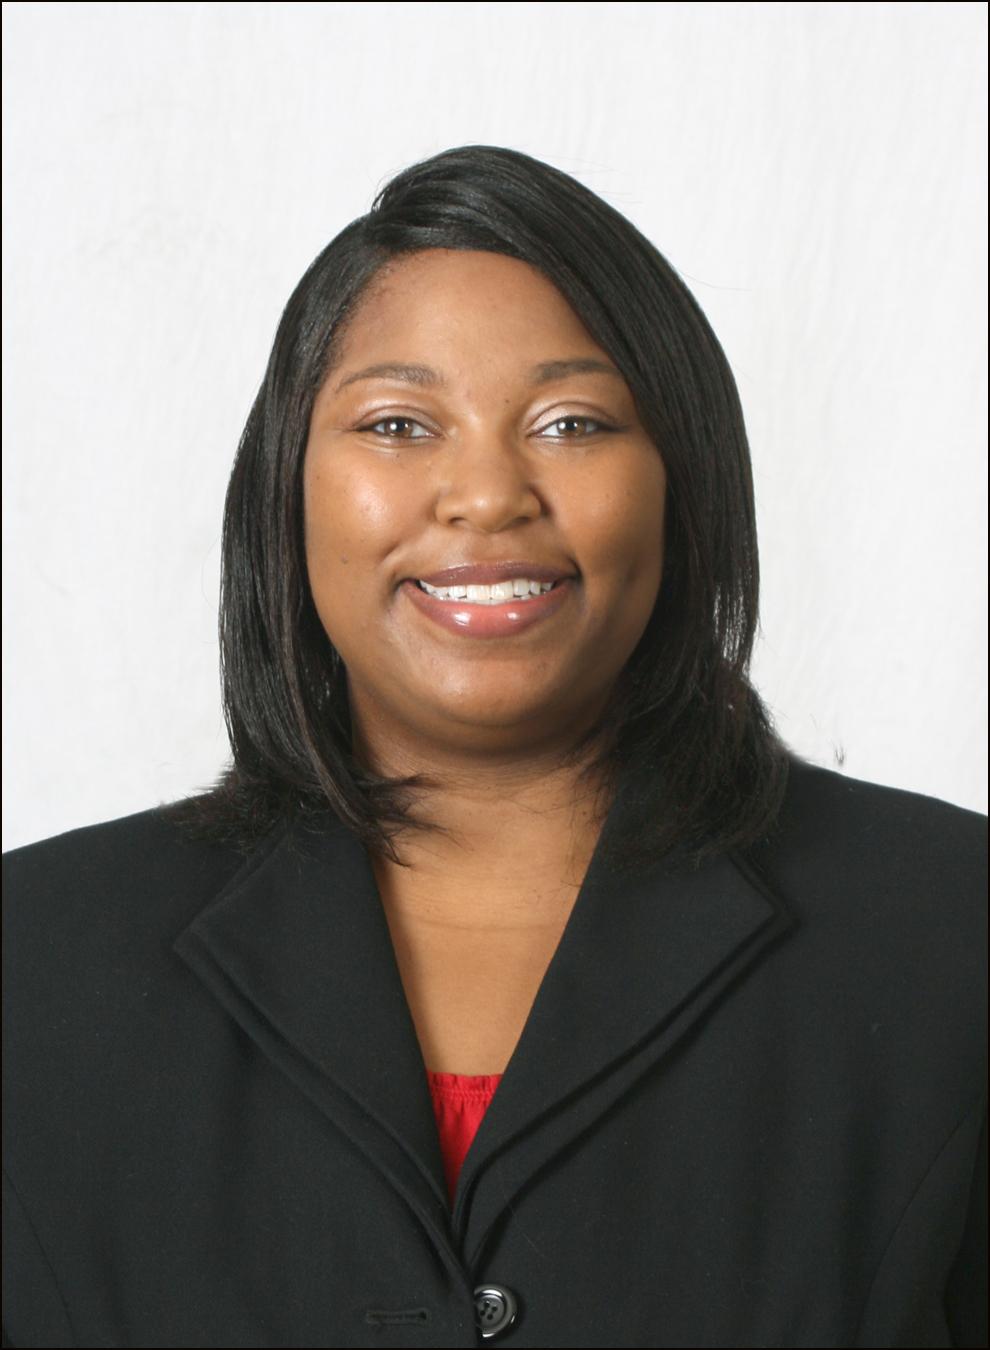 Stephanie Calhoun